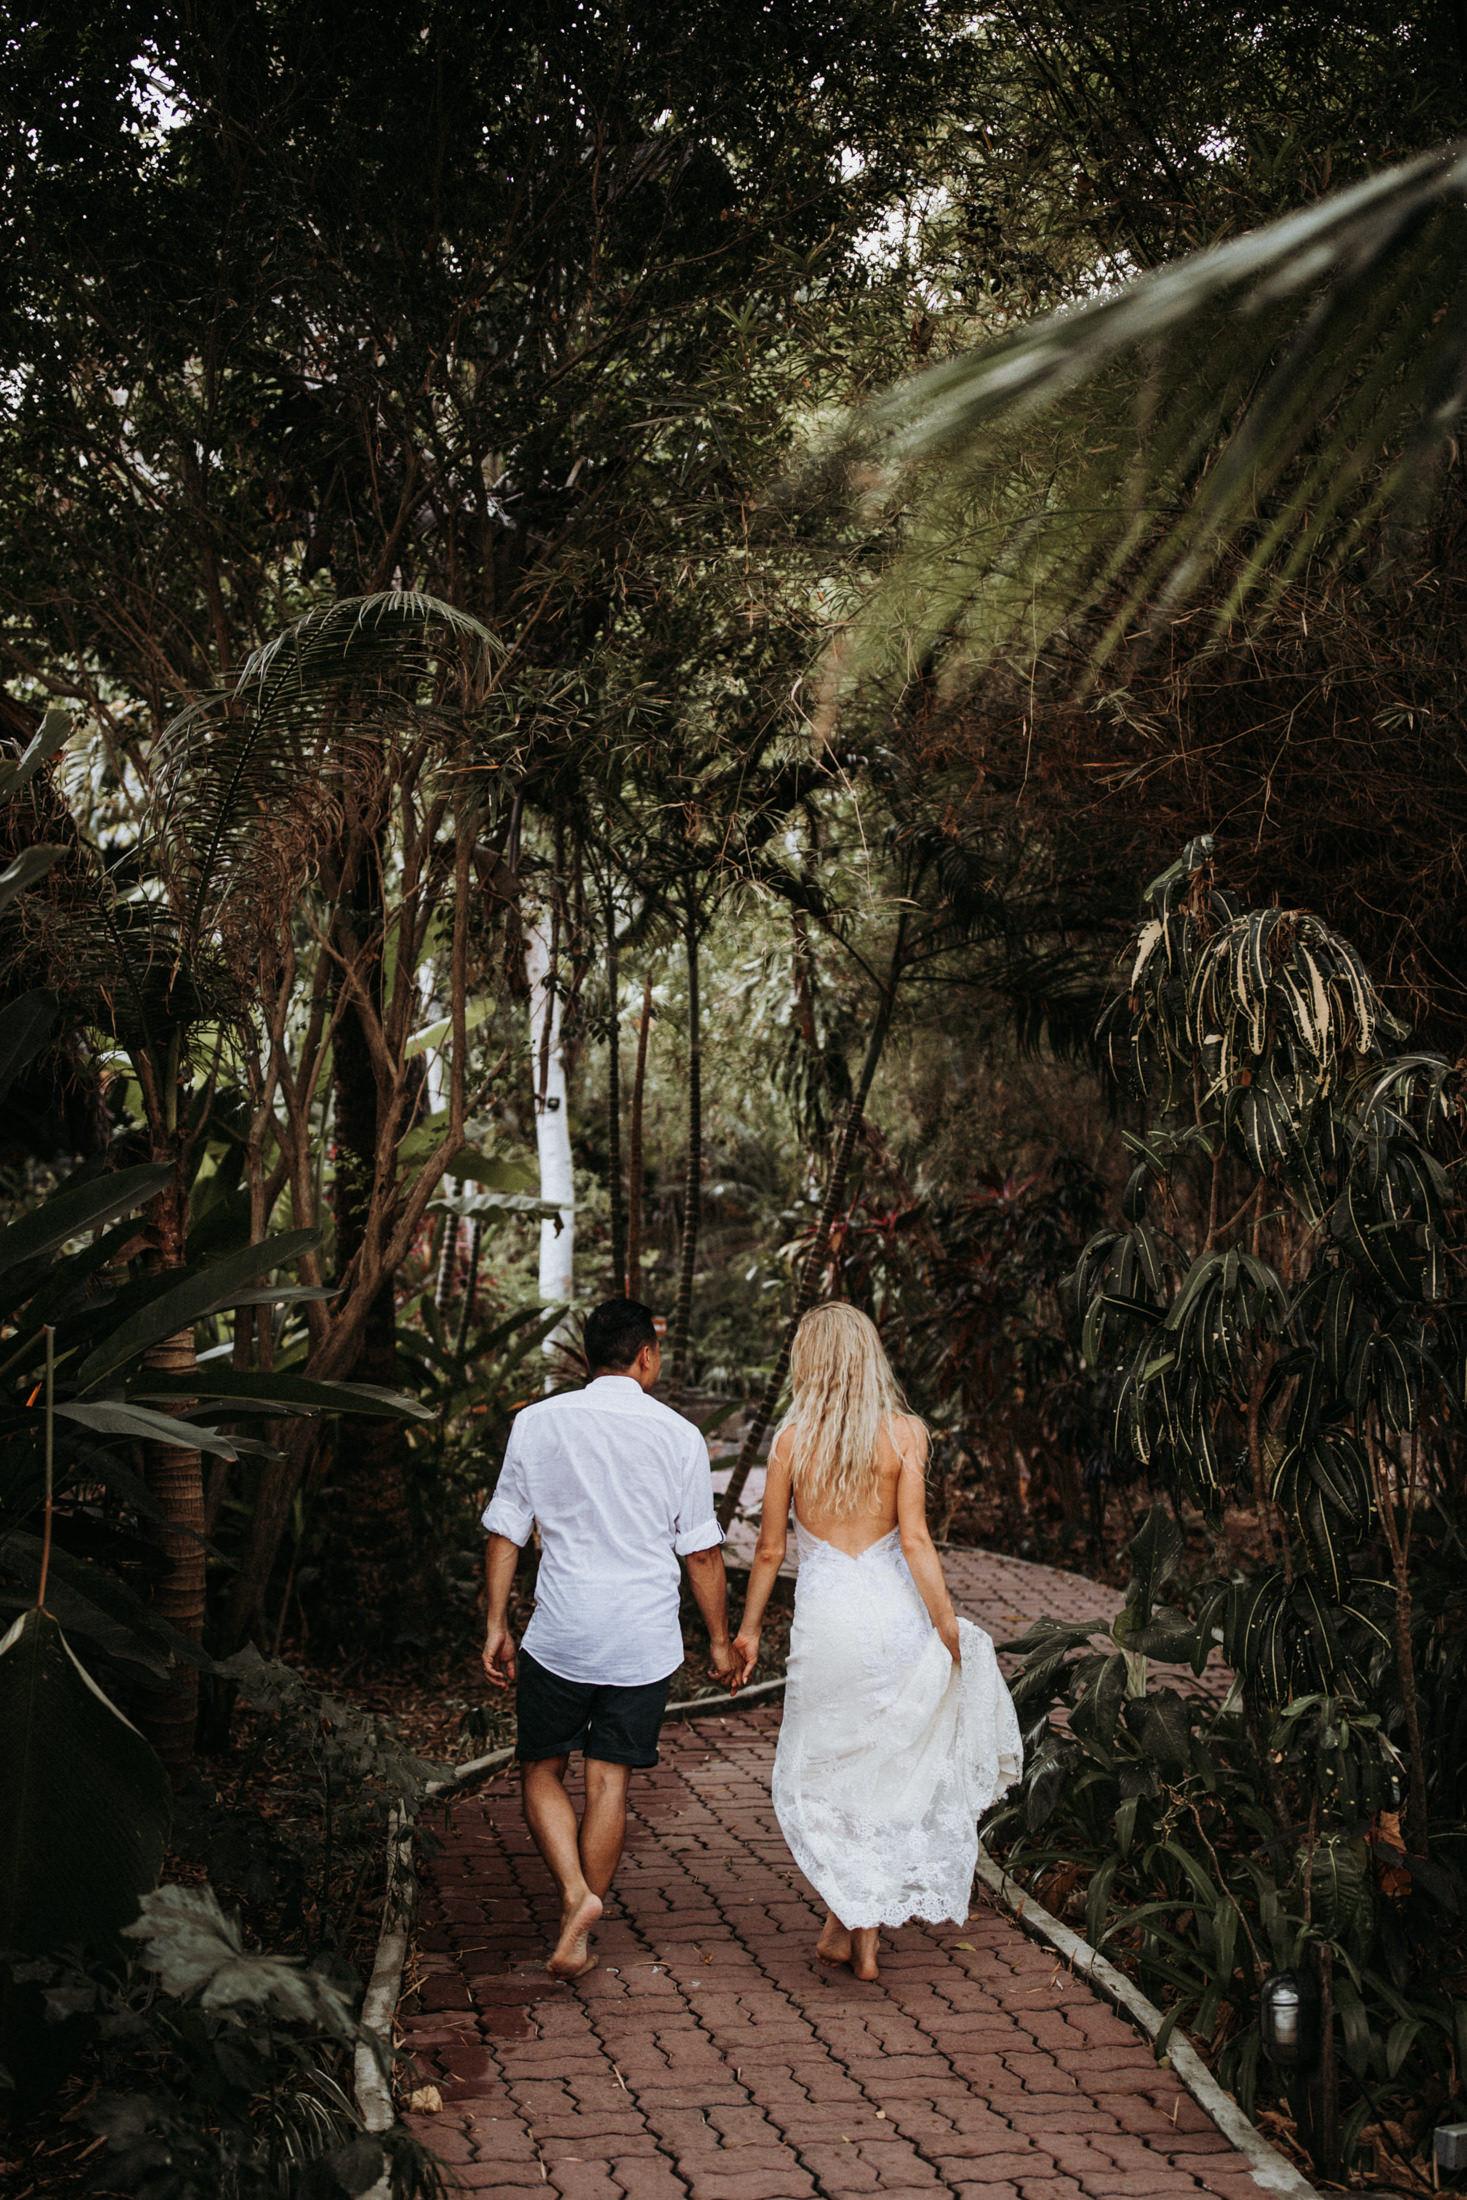 DanielaMarquardt_Wedding_Thailand_457